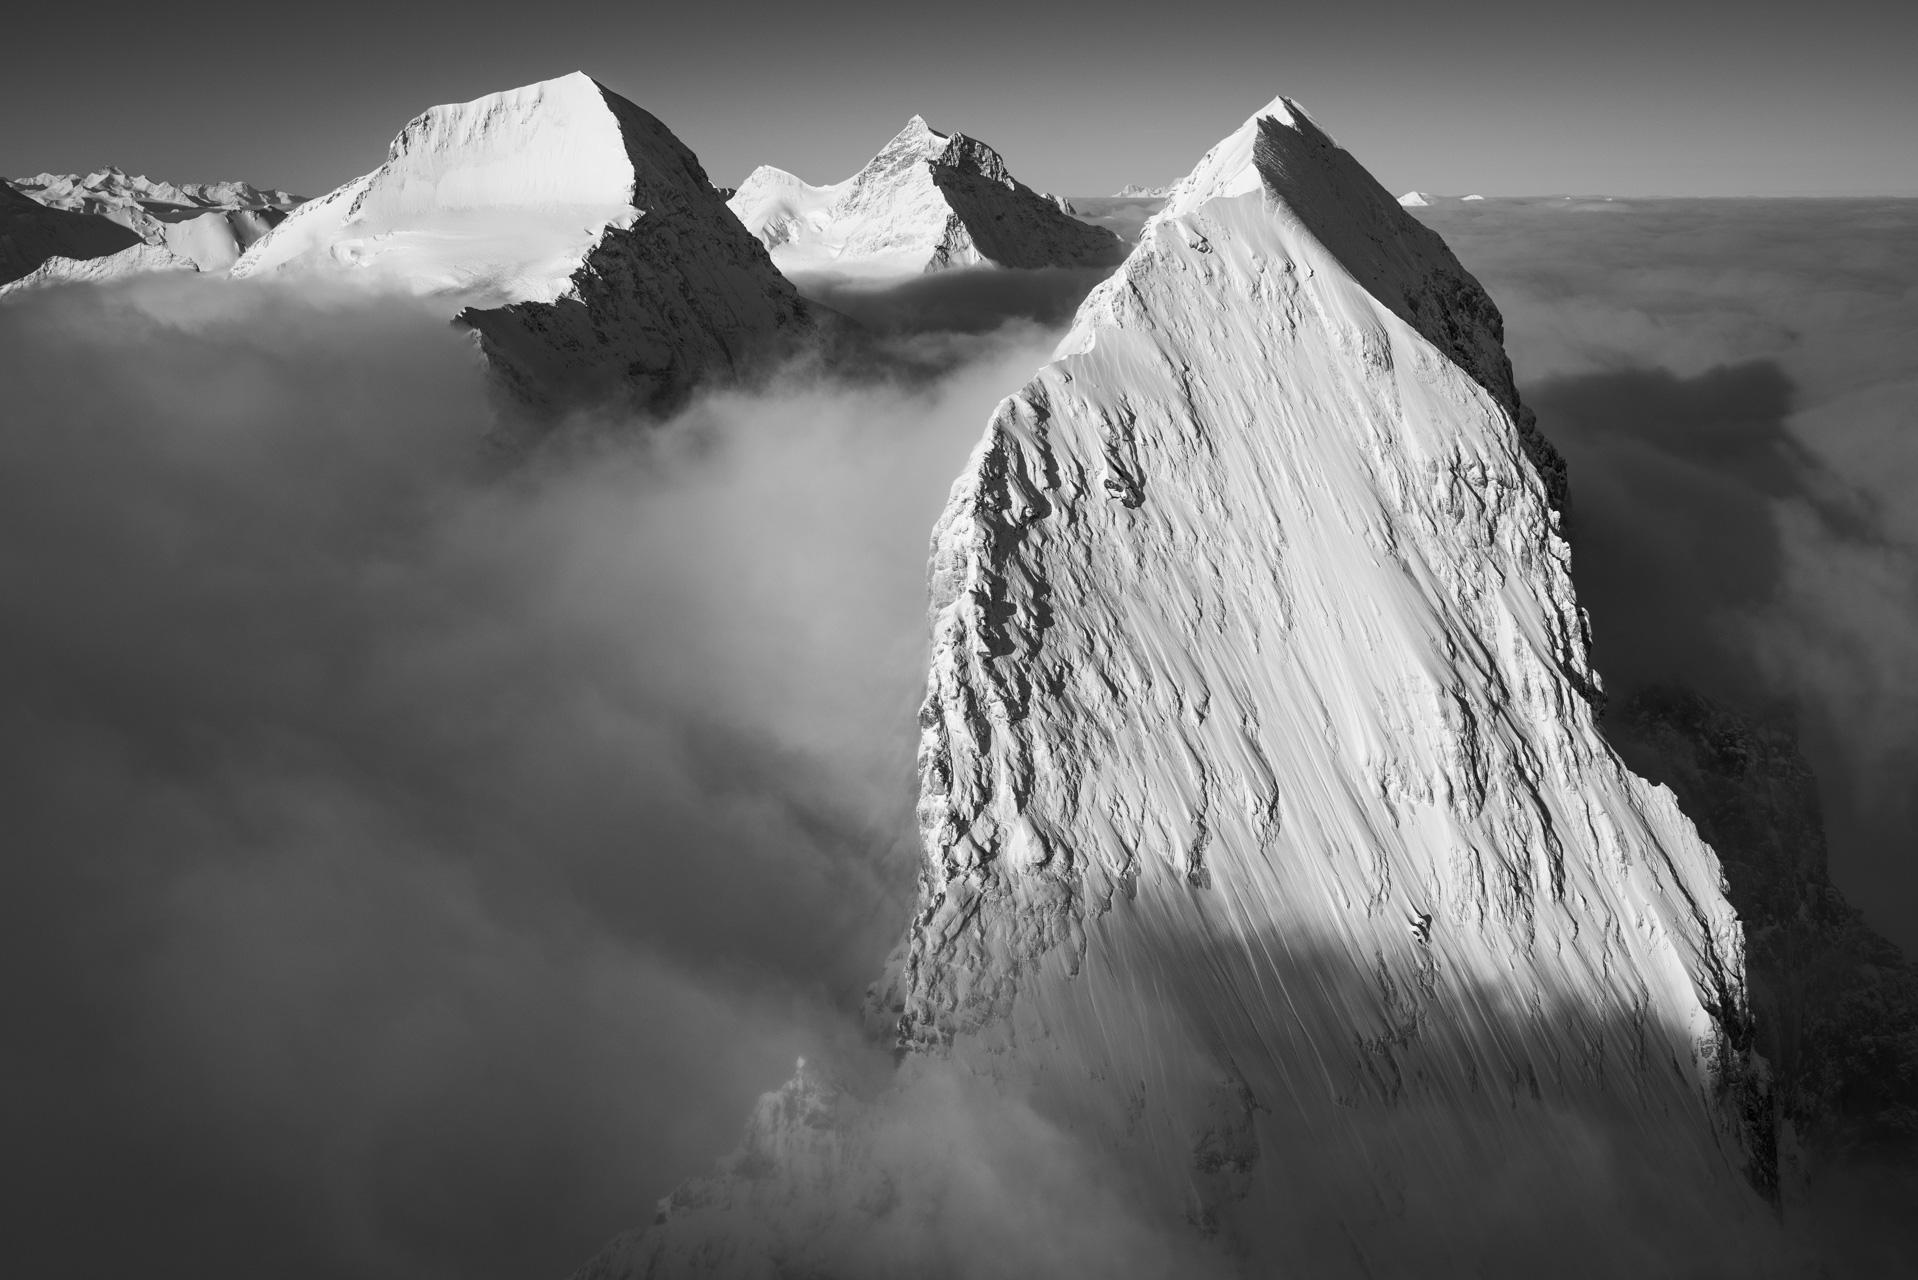 les plus beaux sommets des alpes - eiger monch jungfrau - montagnes mythiques grindelwald - lever de soleil sur les montagnes enneigées